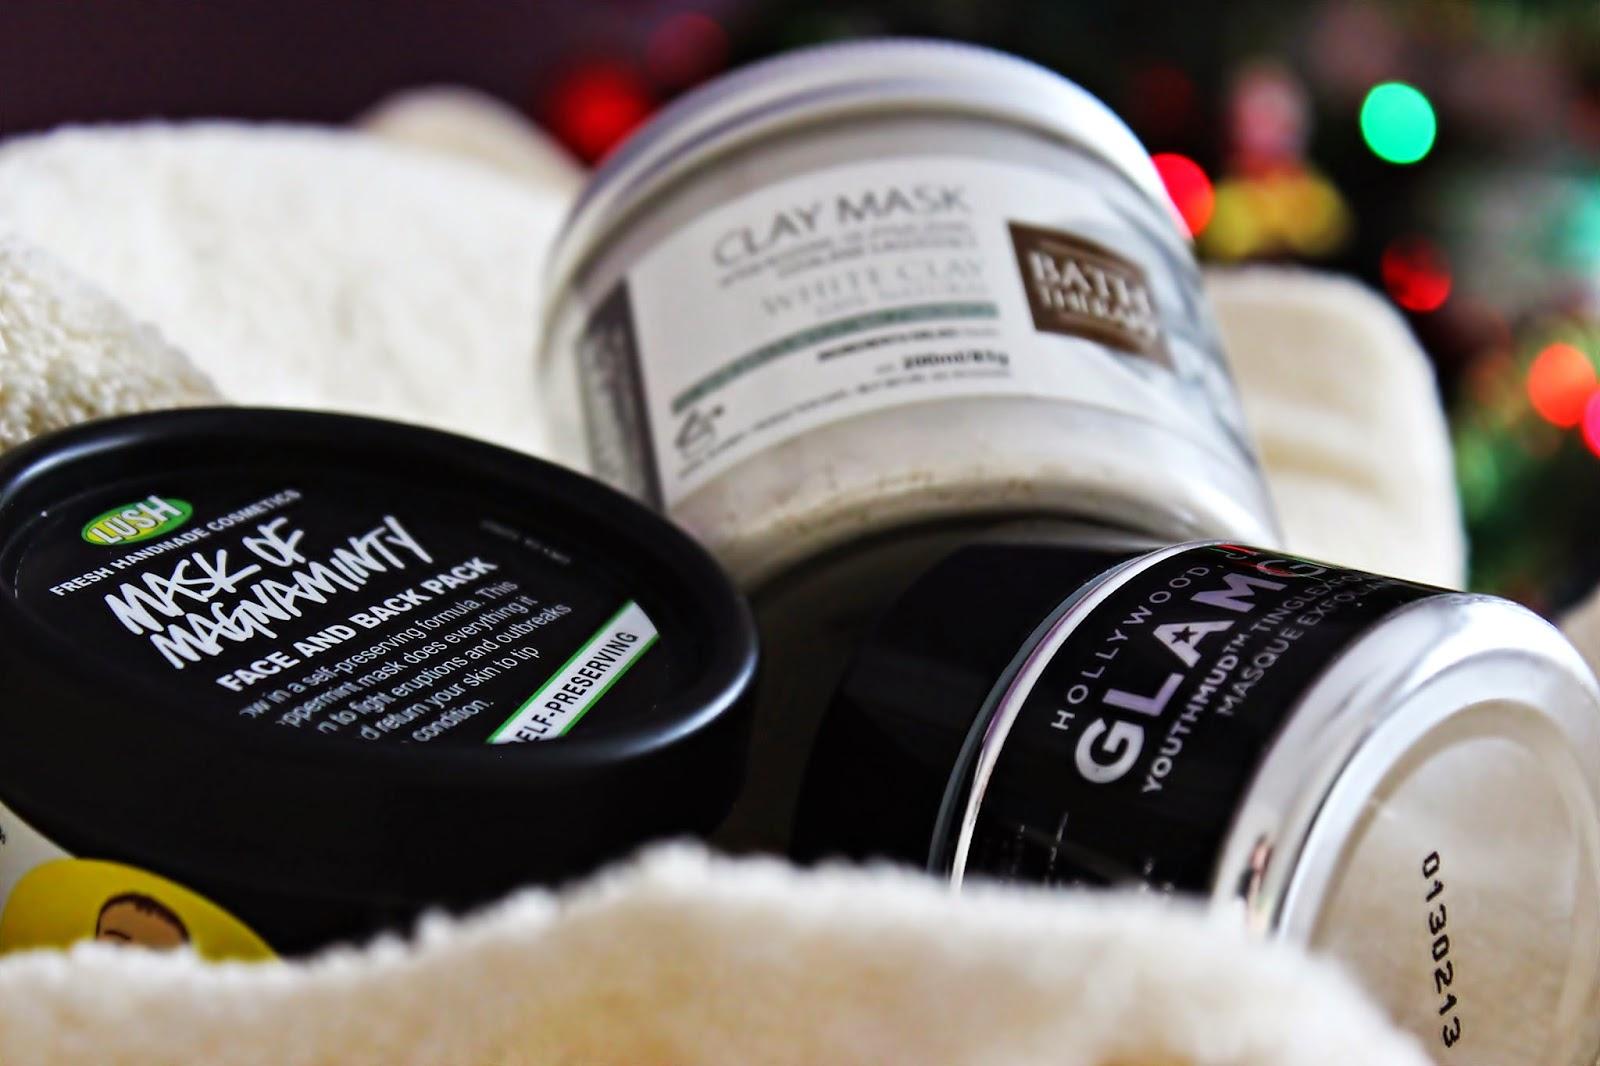 Pielegnacja tłustej skóry | 3 maseczki - Organique, Lush, GlamGlow